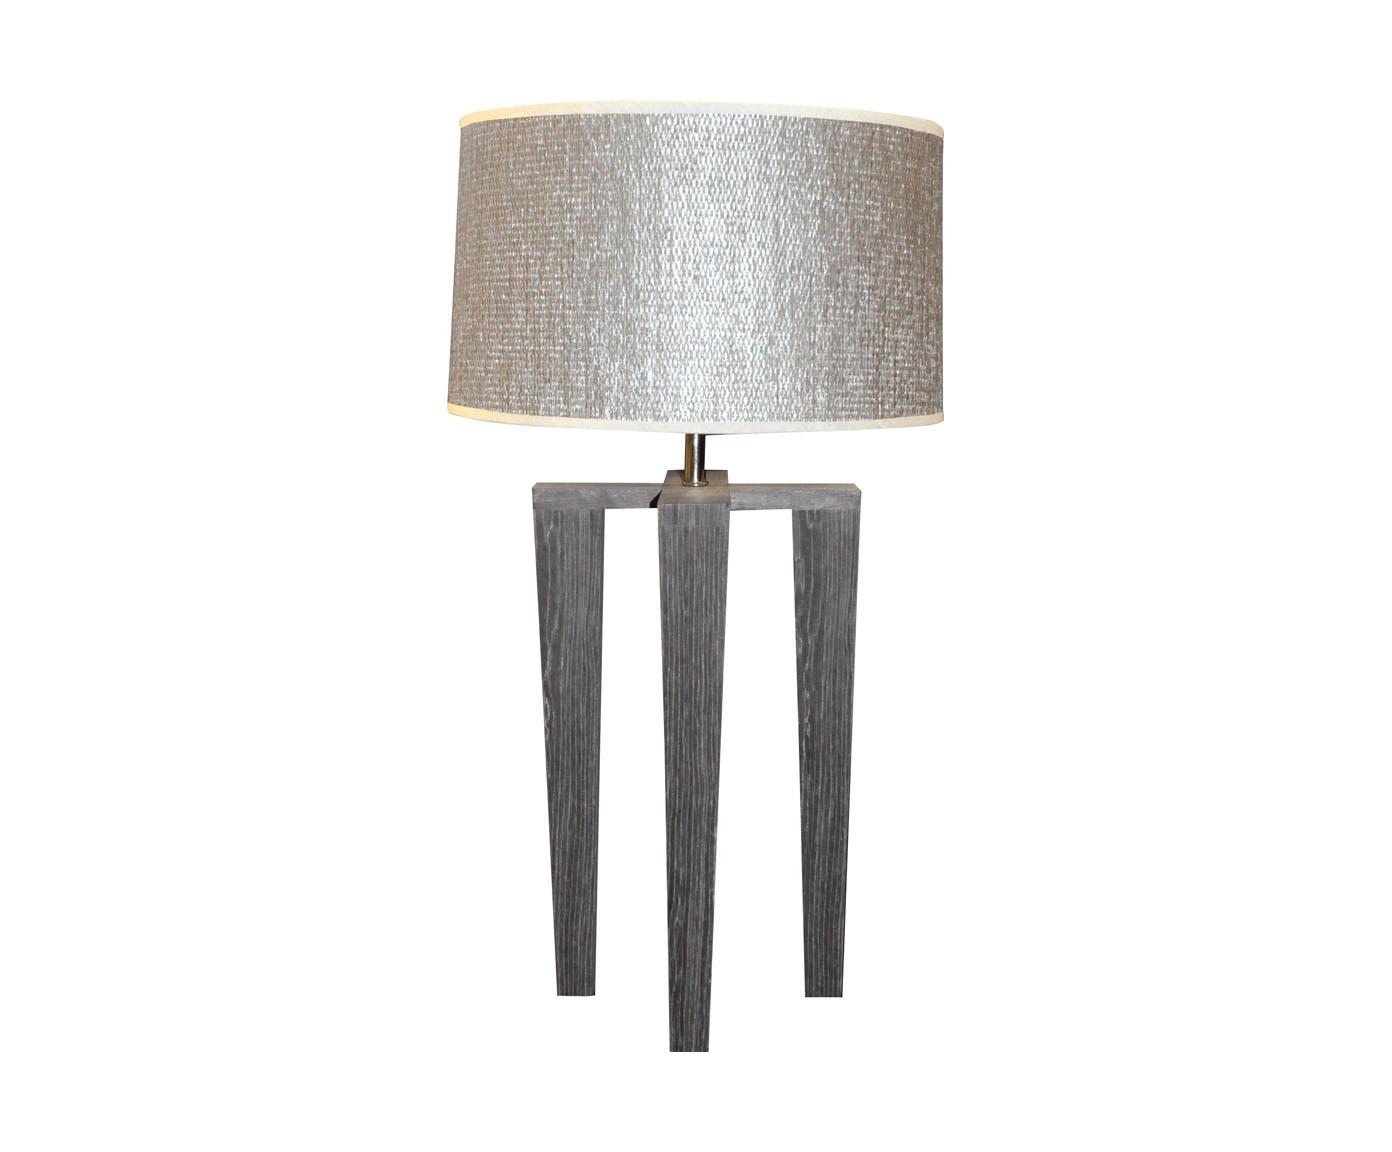 Lampe Design Scandinave Quadripode En Bois Gris Demeure Et Jardin